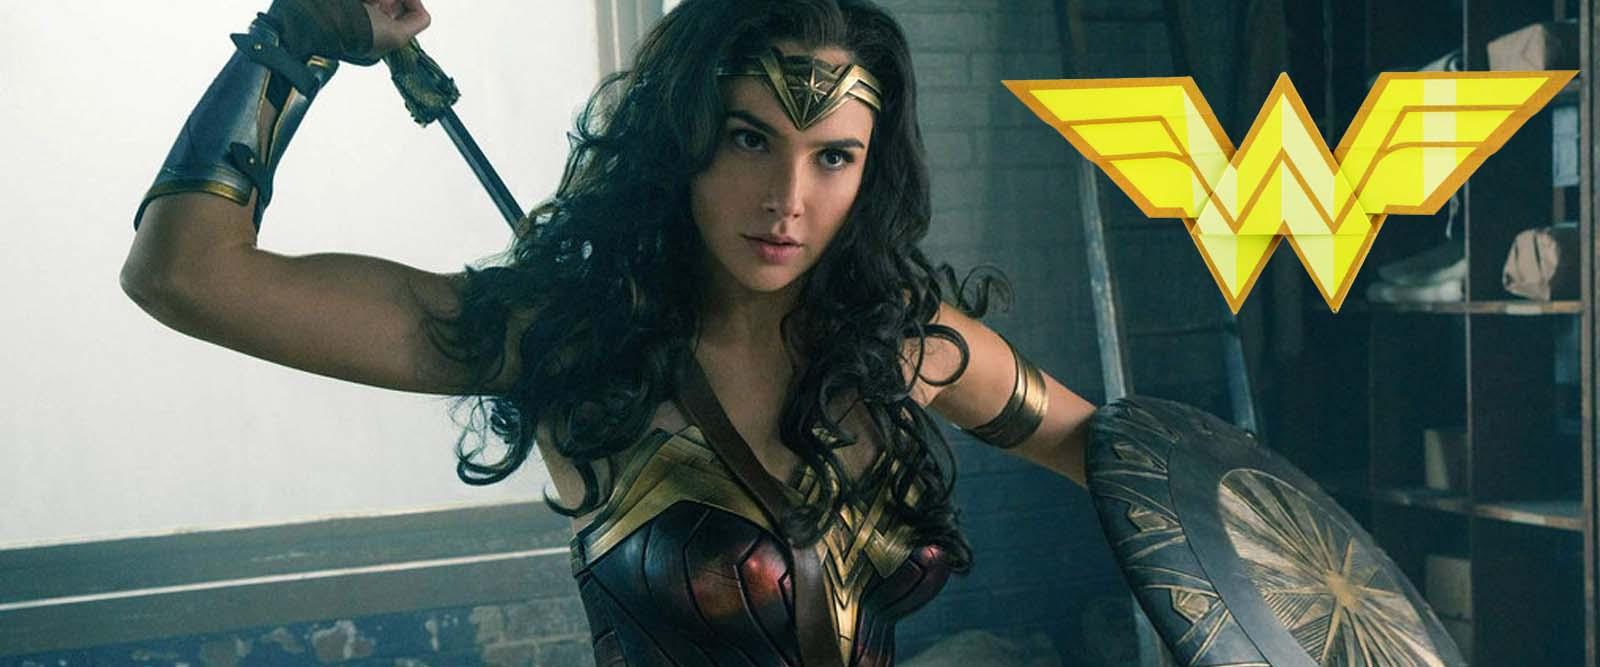 Wonder Woman movies of 2017